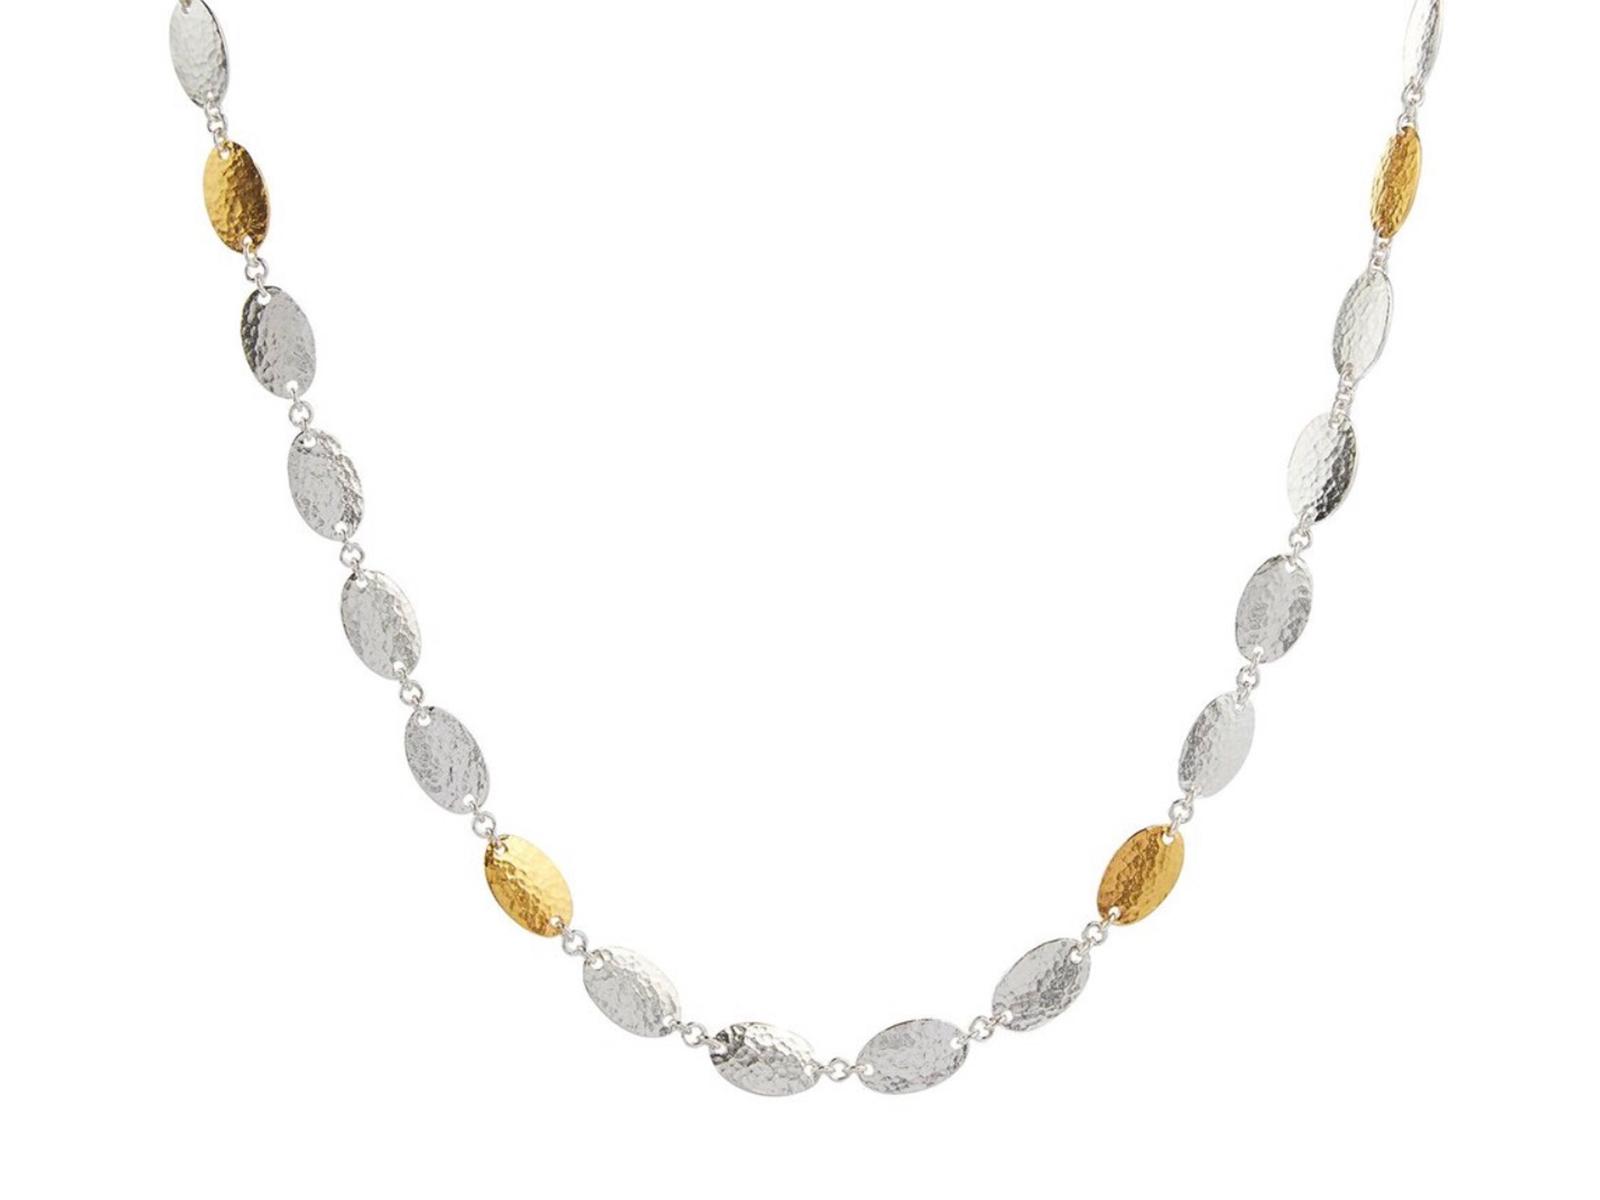 Mango Silver Necklace